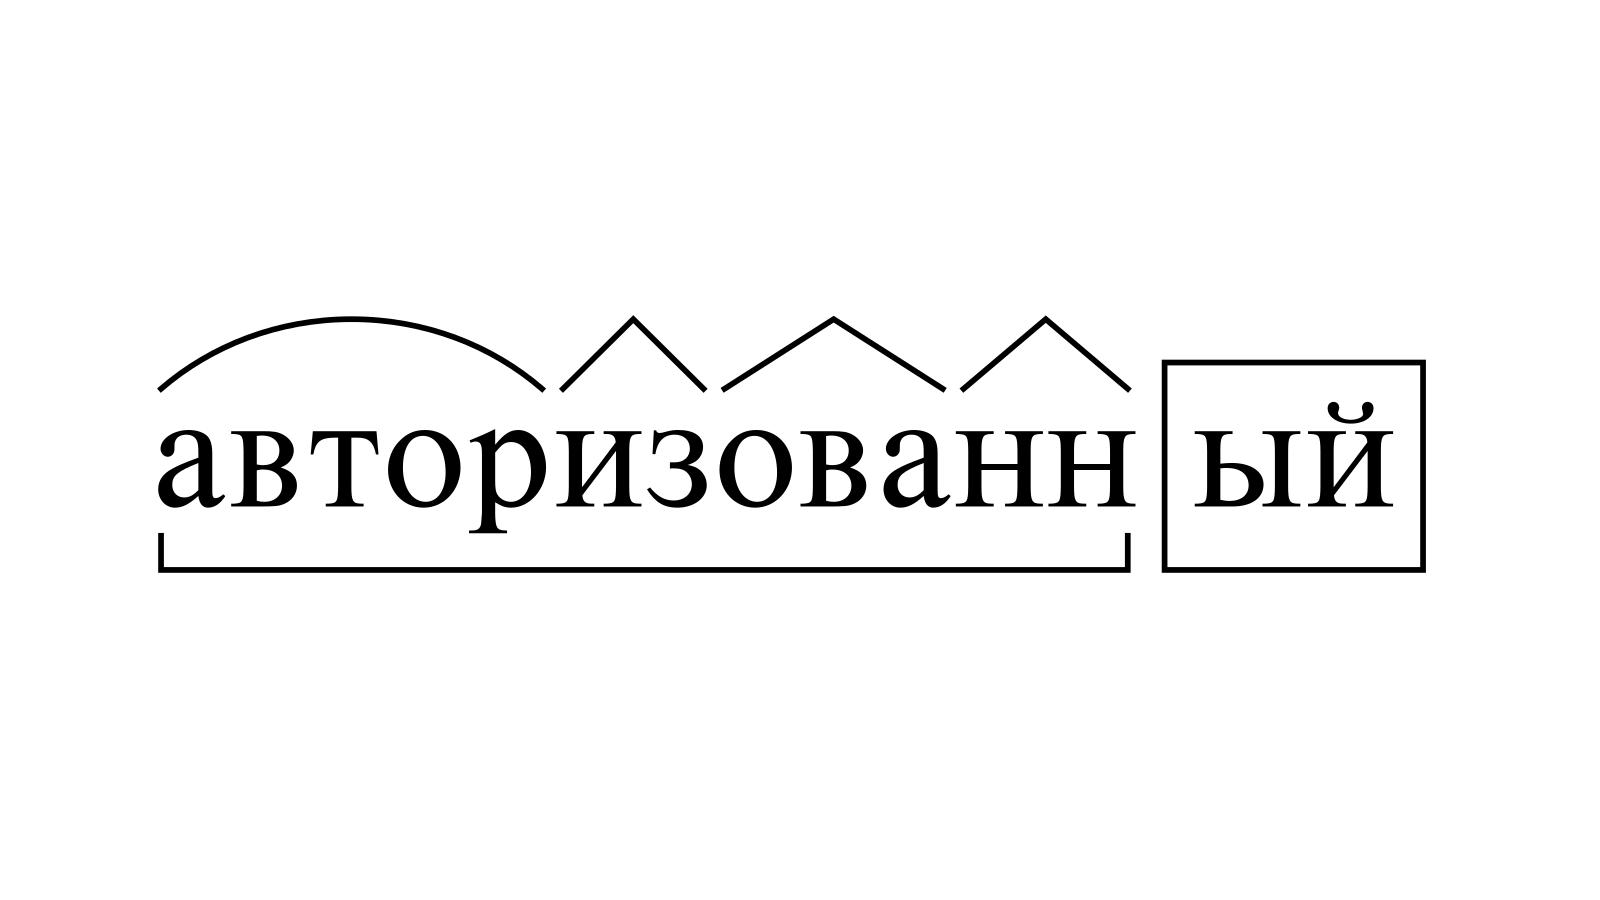 Разбор слова «авторизованный» по составу